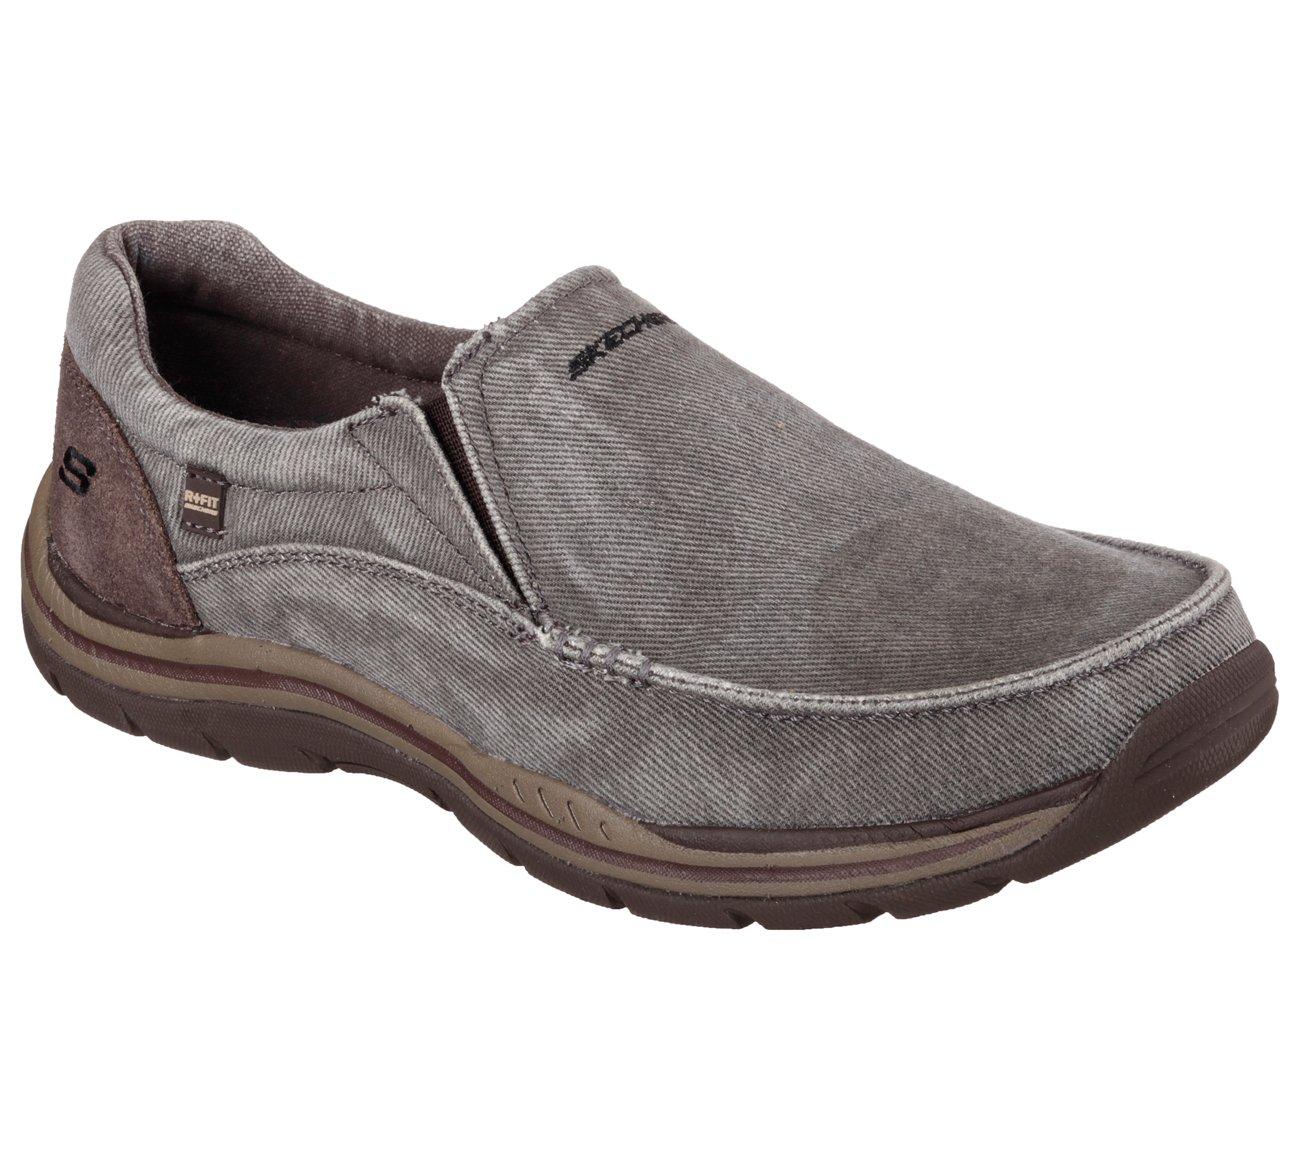 Skechers Men's Expected Avillo Relaxed-Fit Slip-On Loafer Expected - Avillo